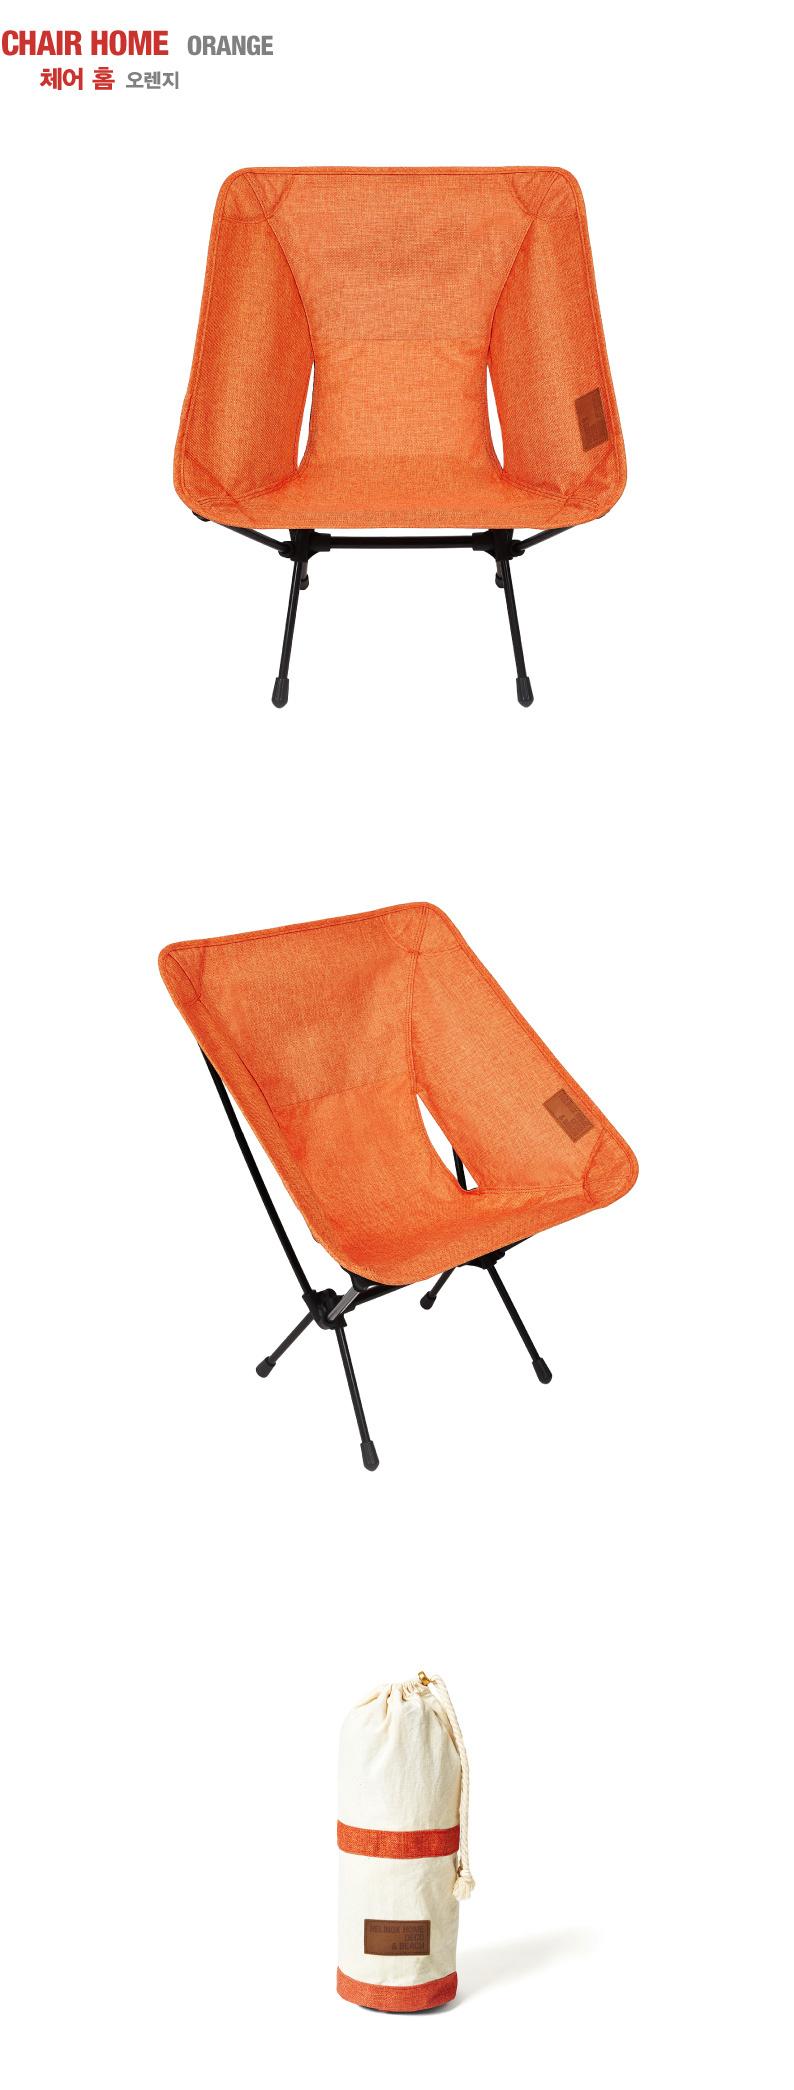 헬리녹스(HELINOX) 체어 홈 - 오렌지